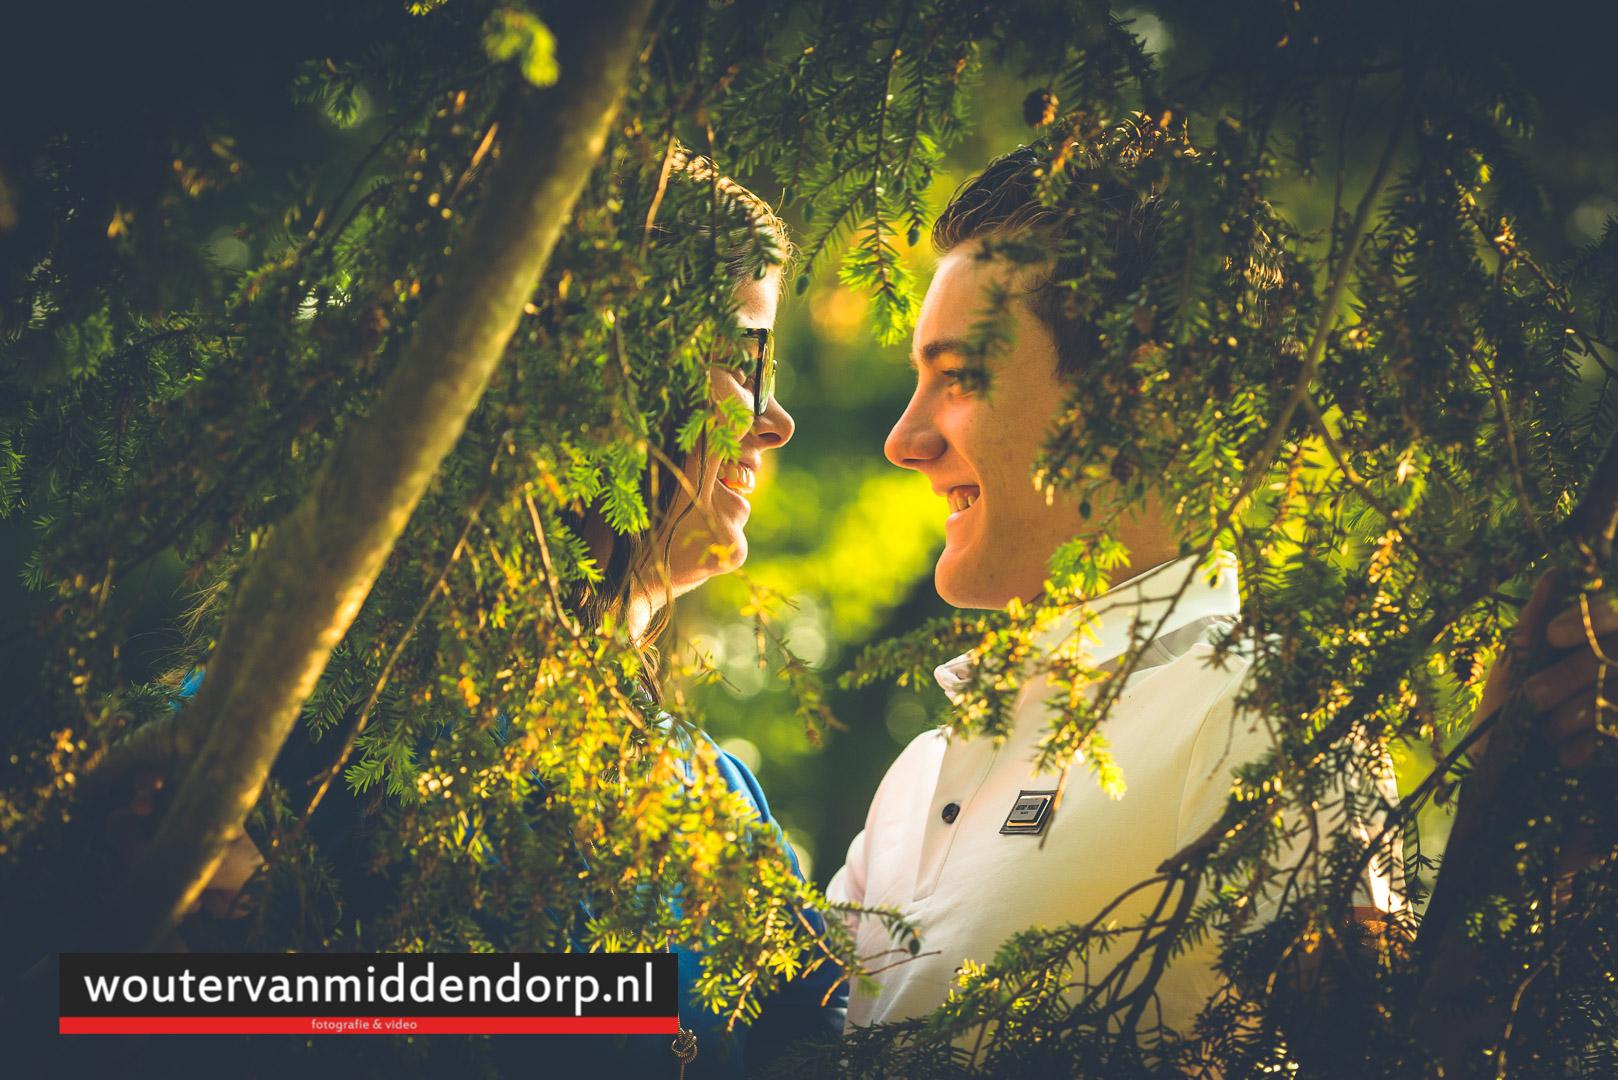 fotografie Wouter van Middendorp Kasteel Staverden-10